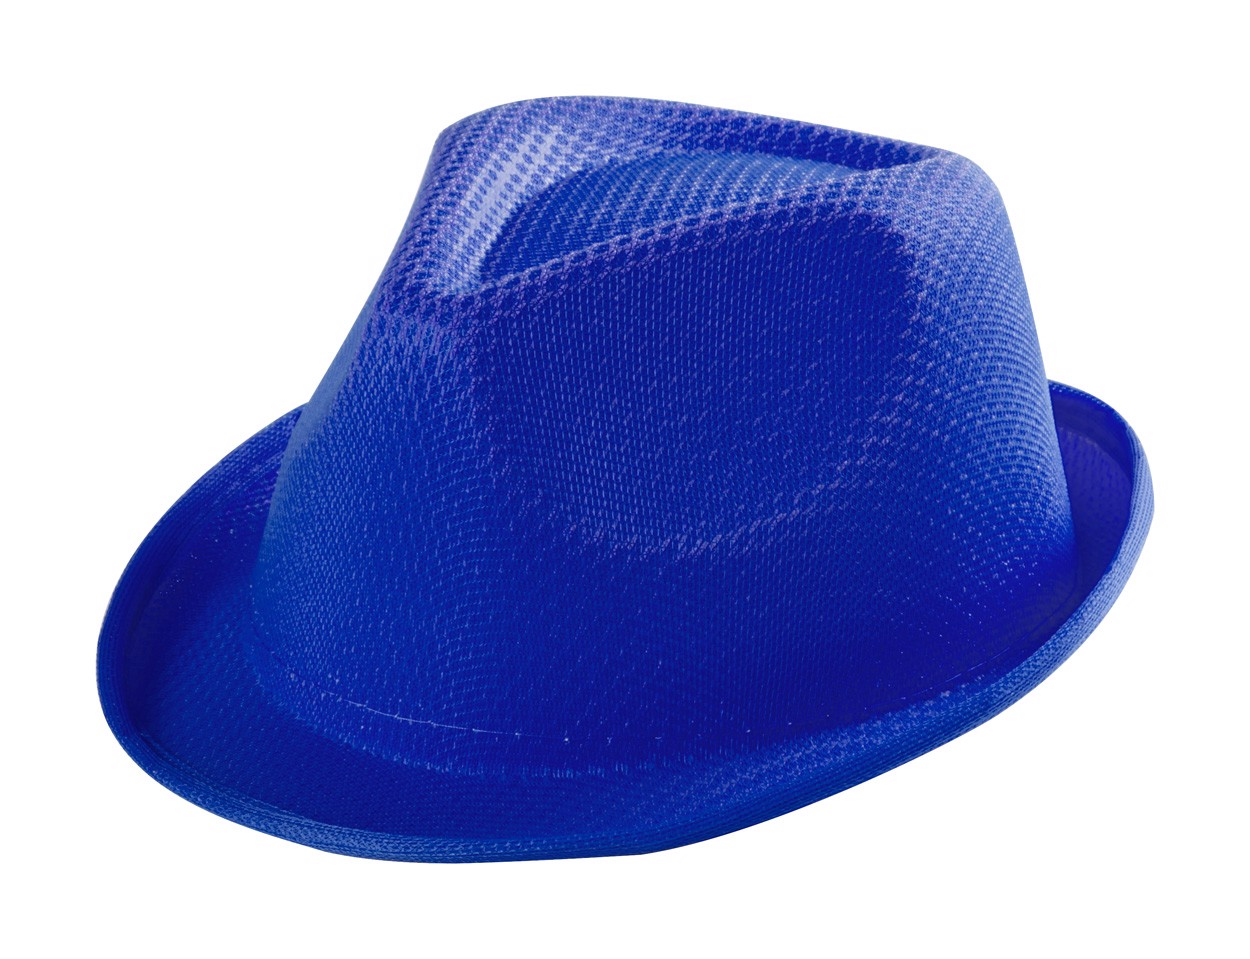 Klobouk Tolvex - Modrá